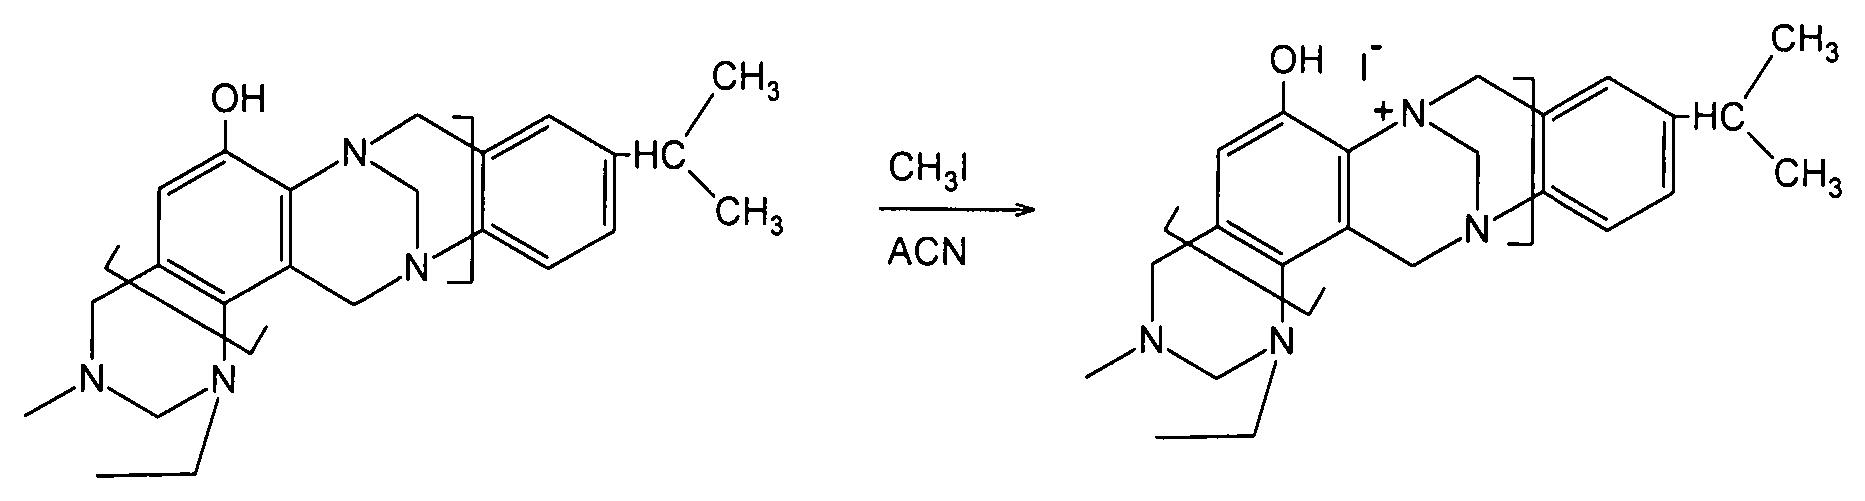 Figure DE112016005378T5_0050